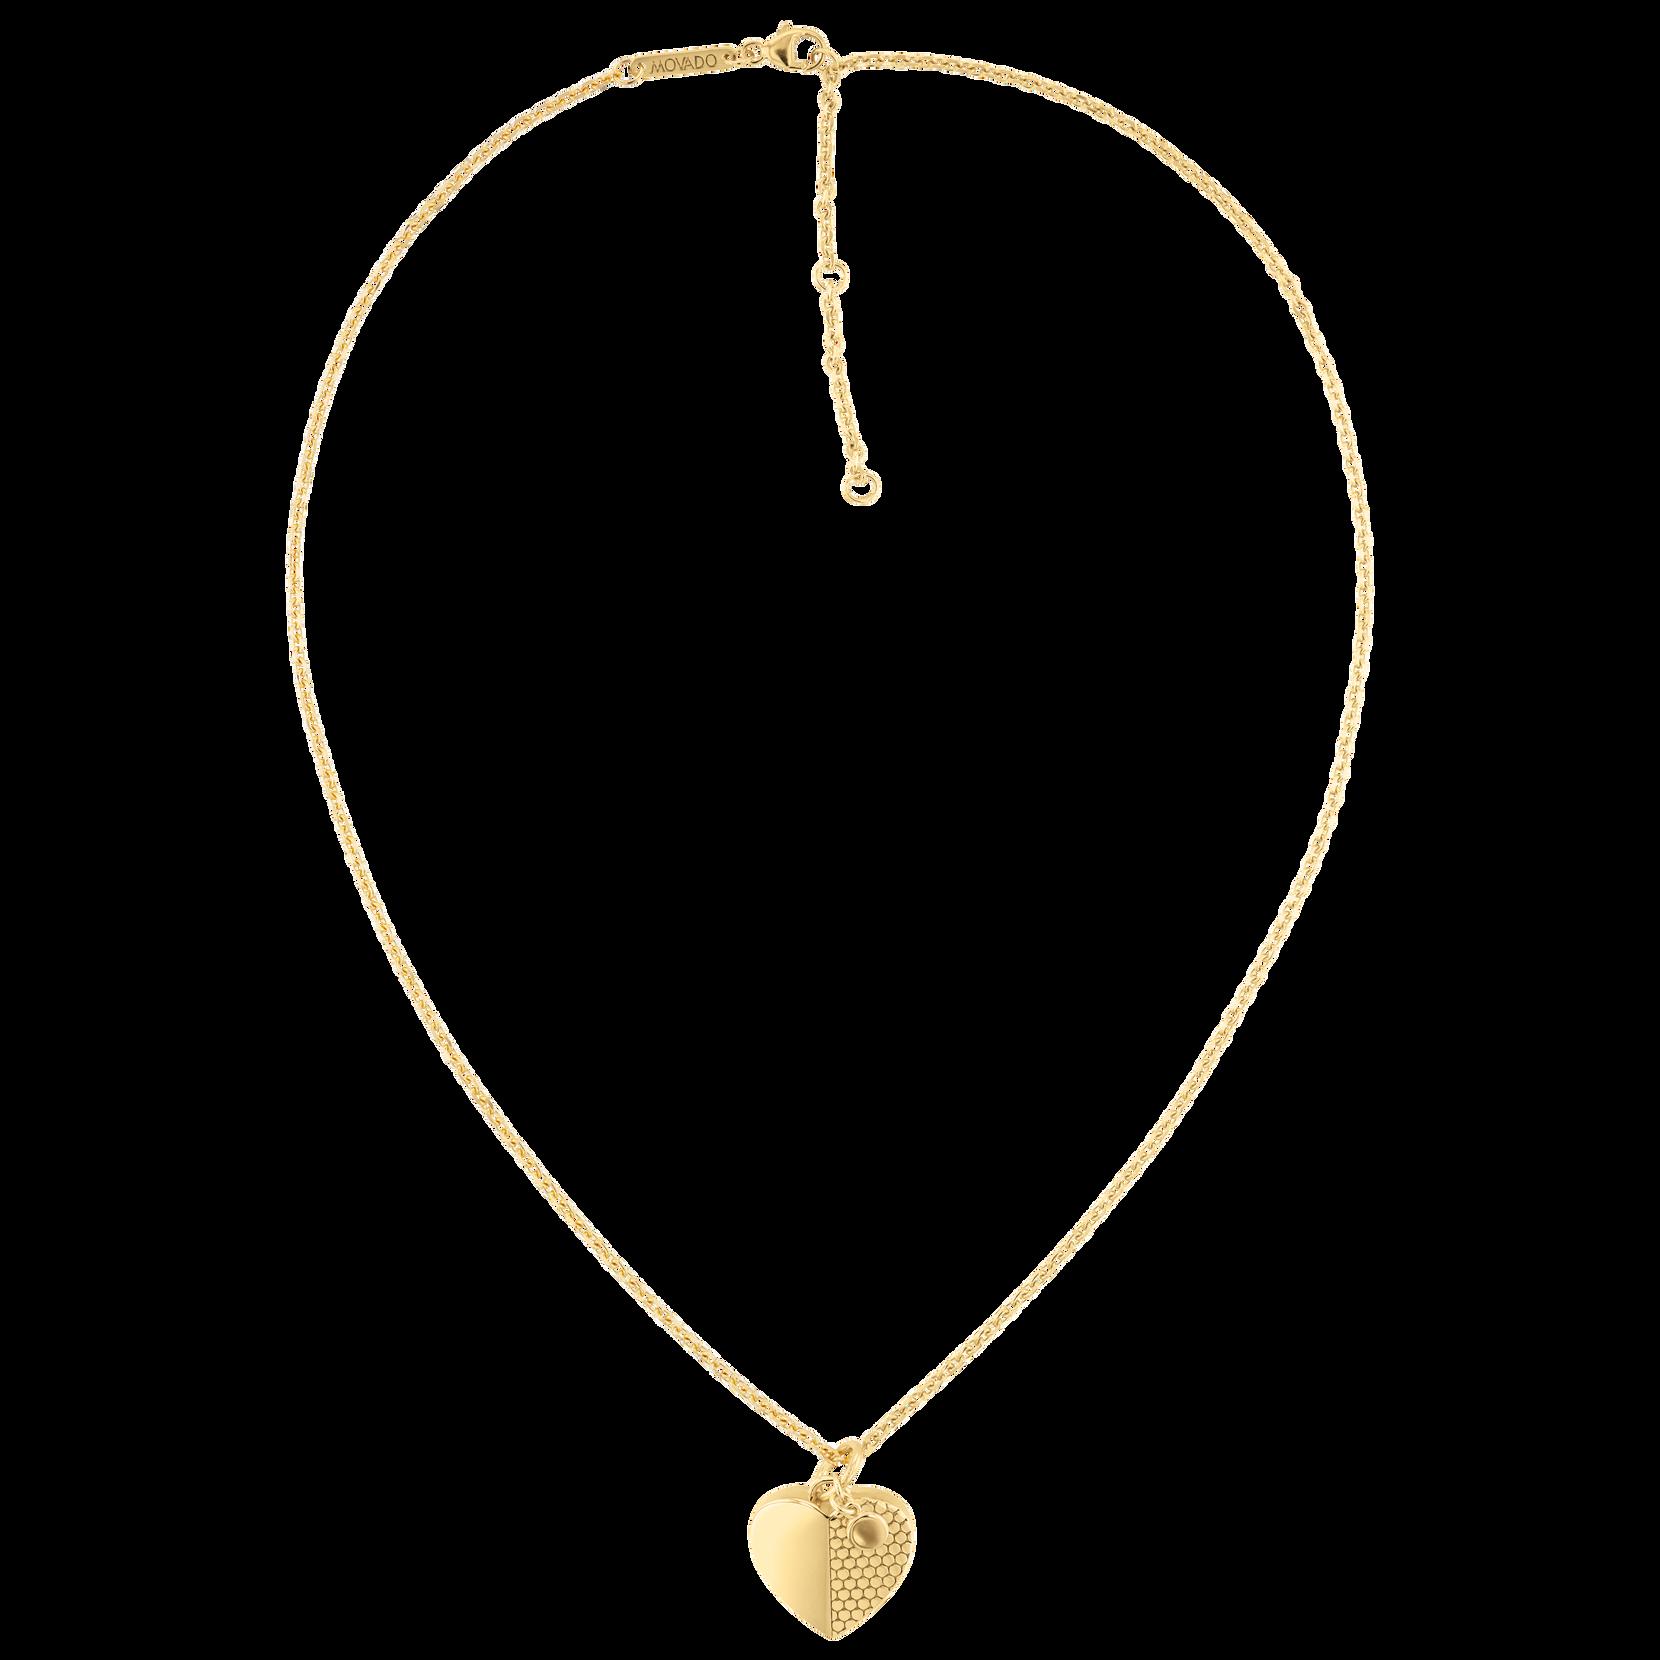 Movado Heart Necklace